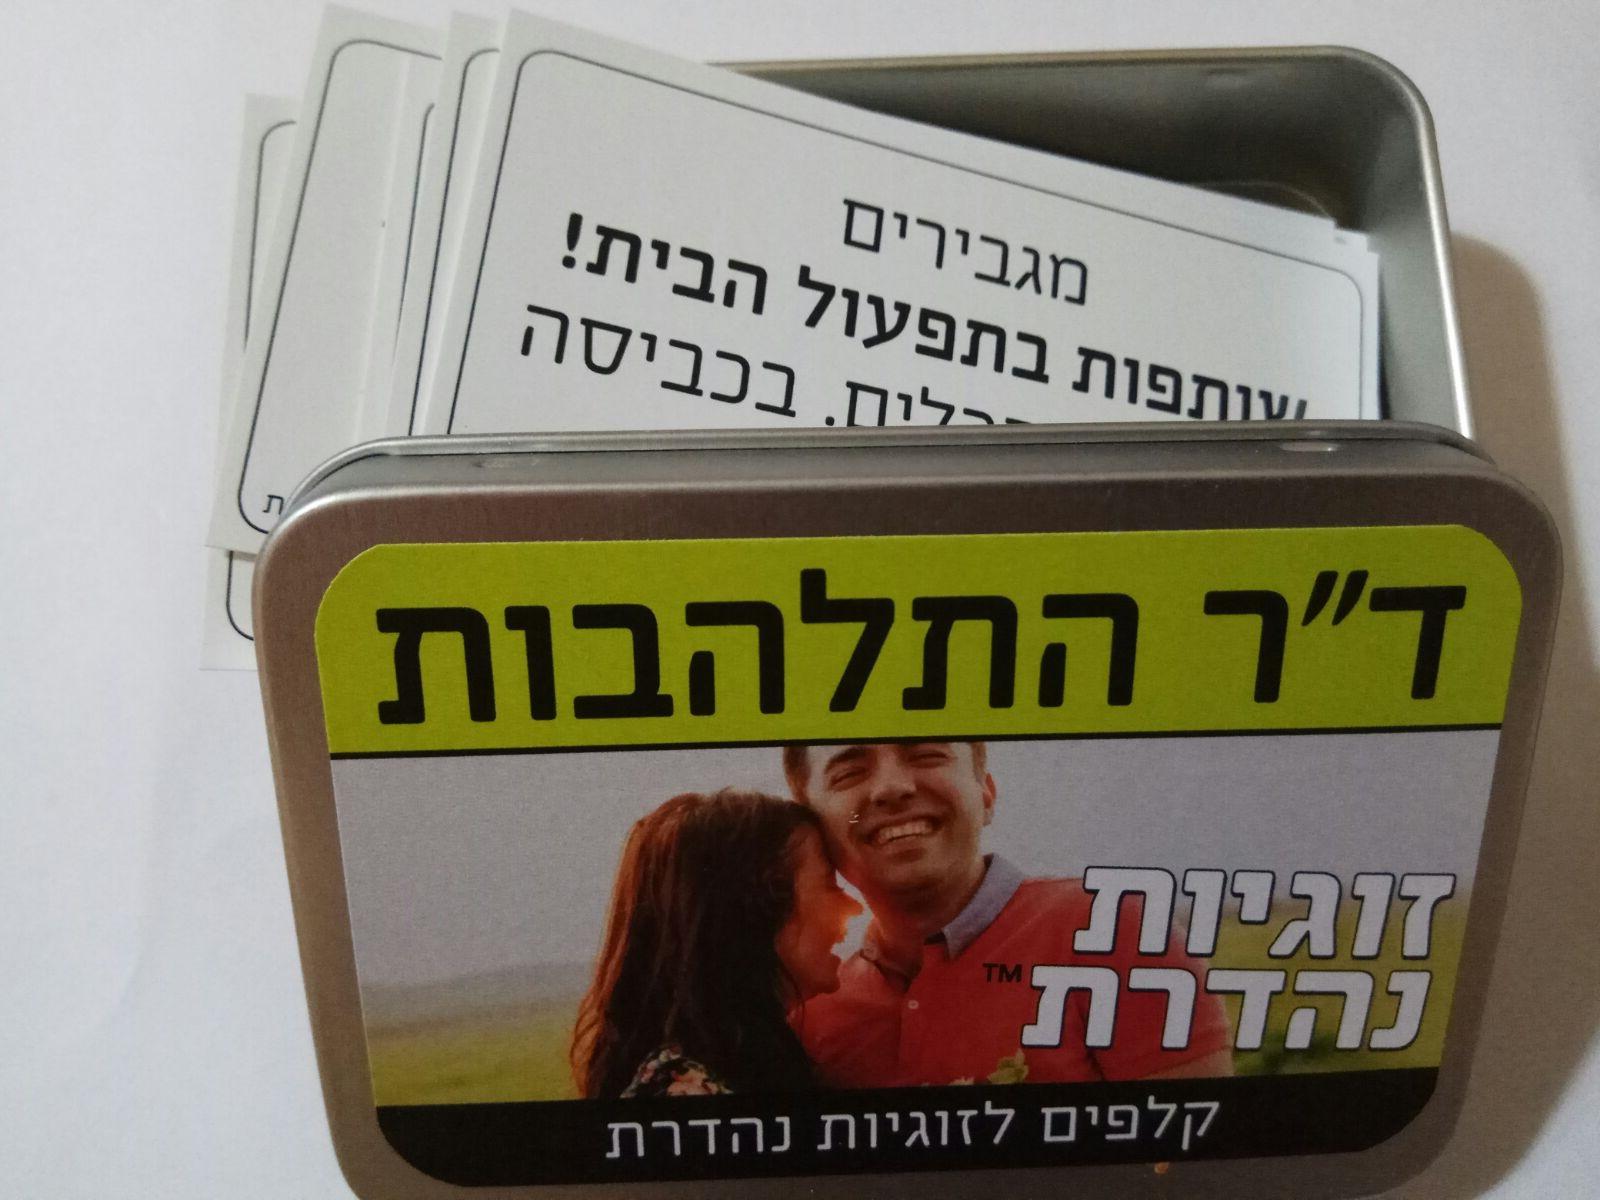 זוגיות נהדרת - קלפים לזוגיות נהדרת